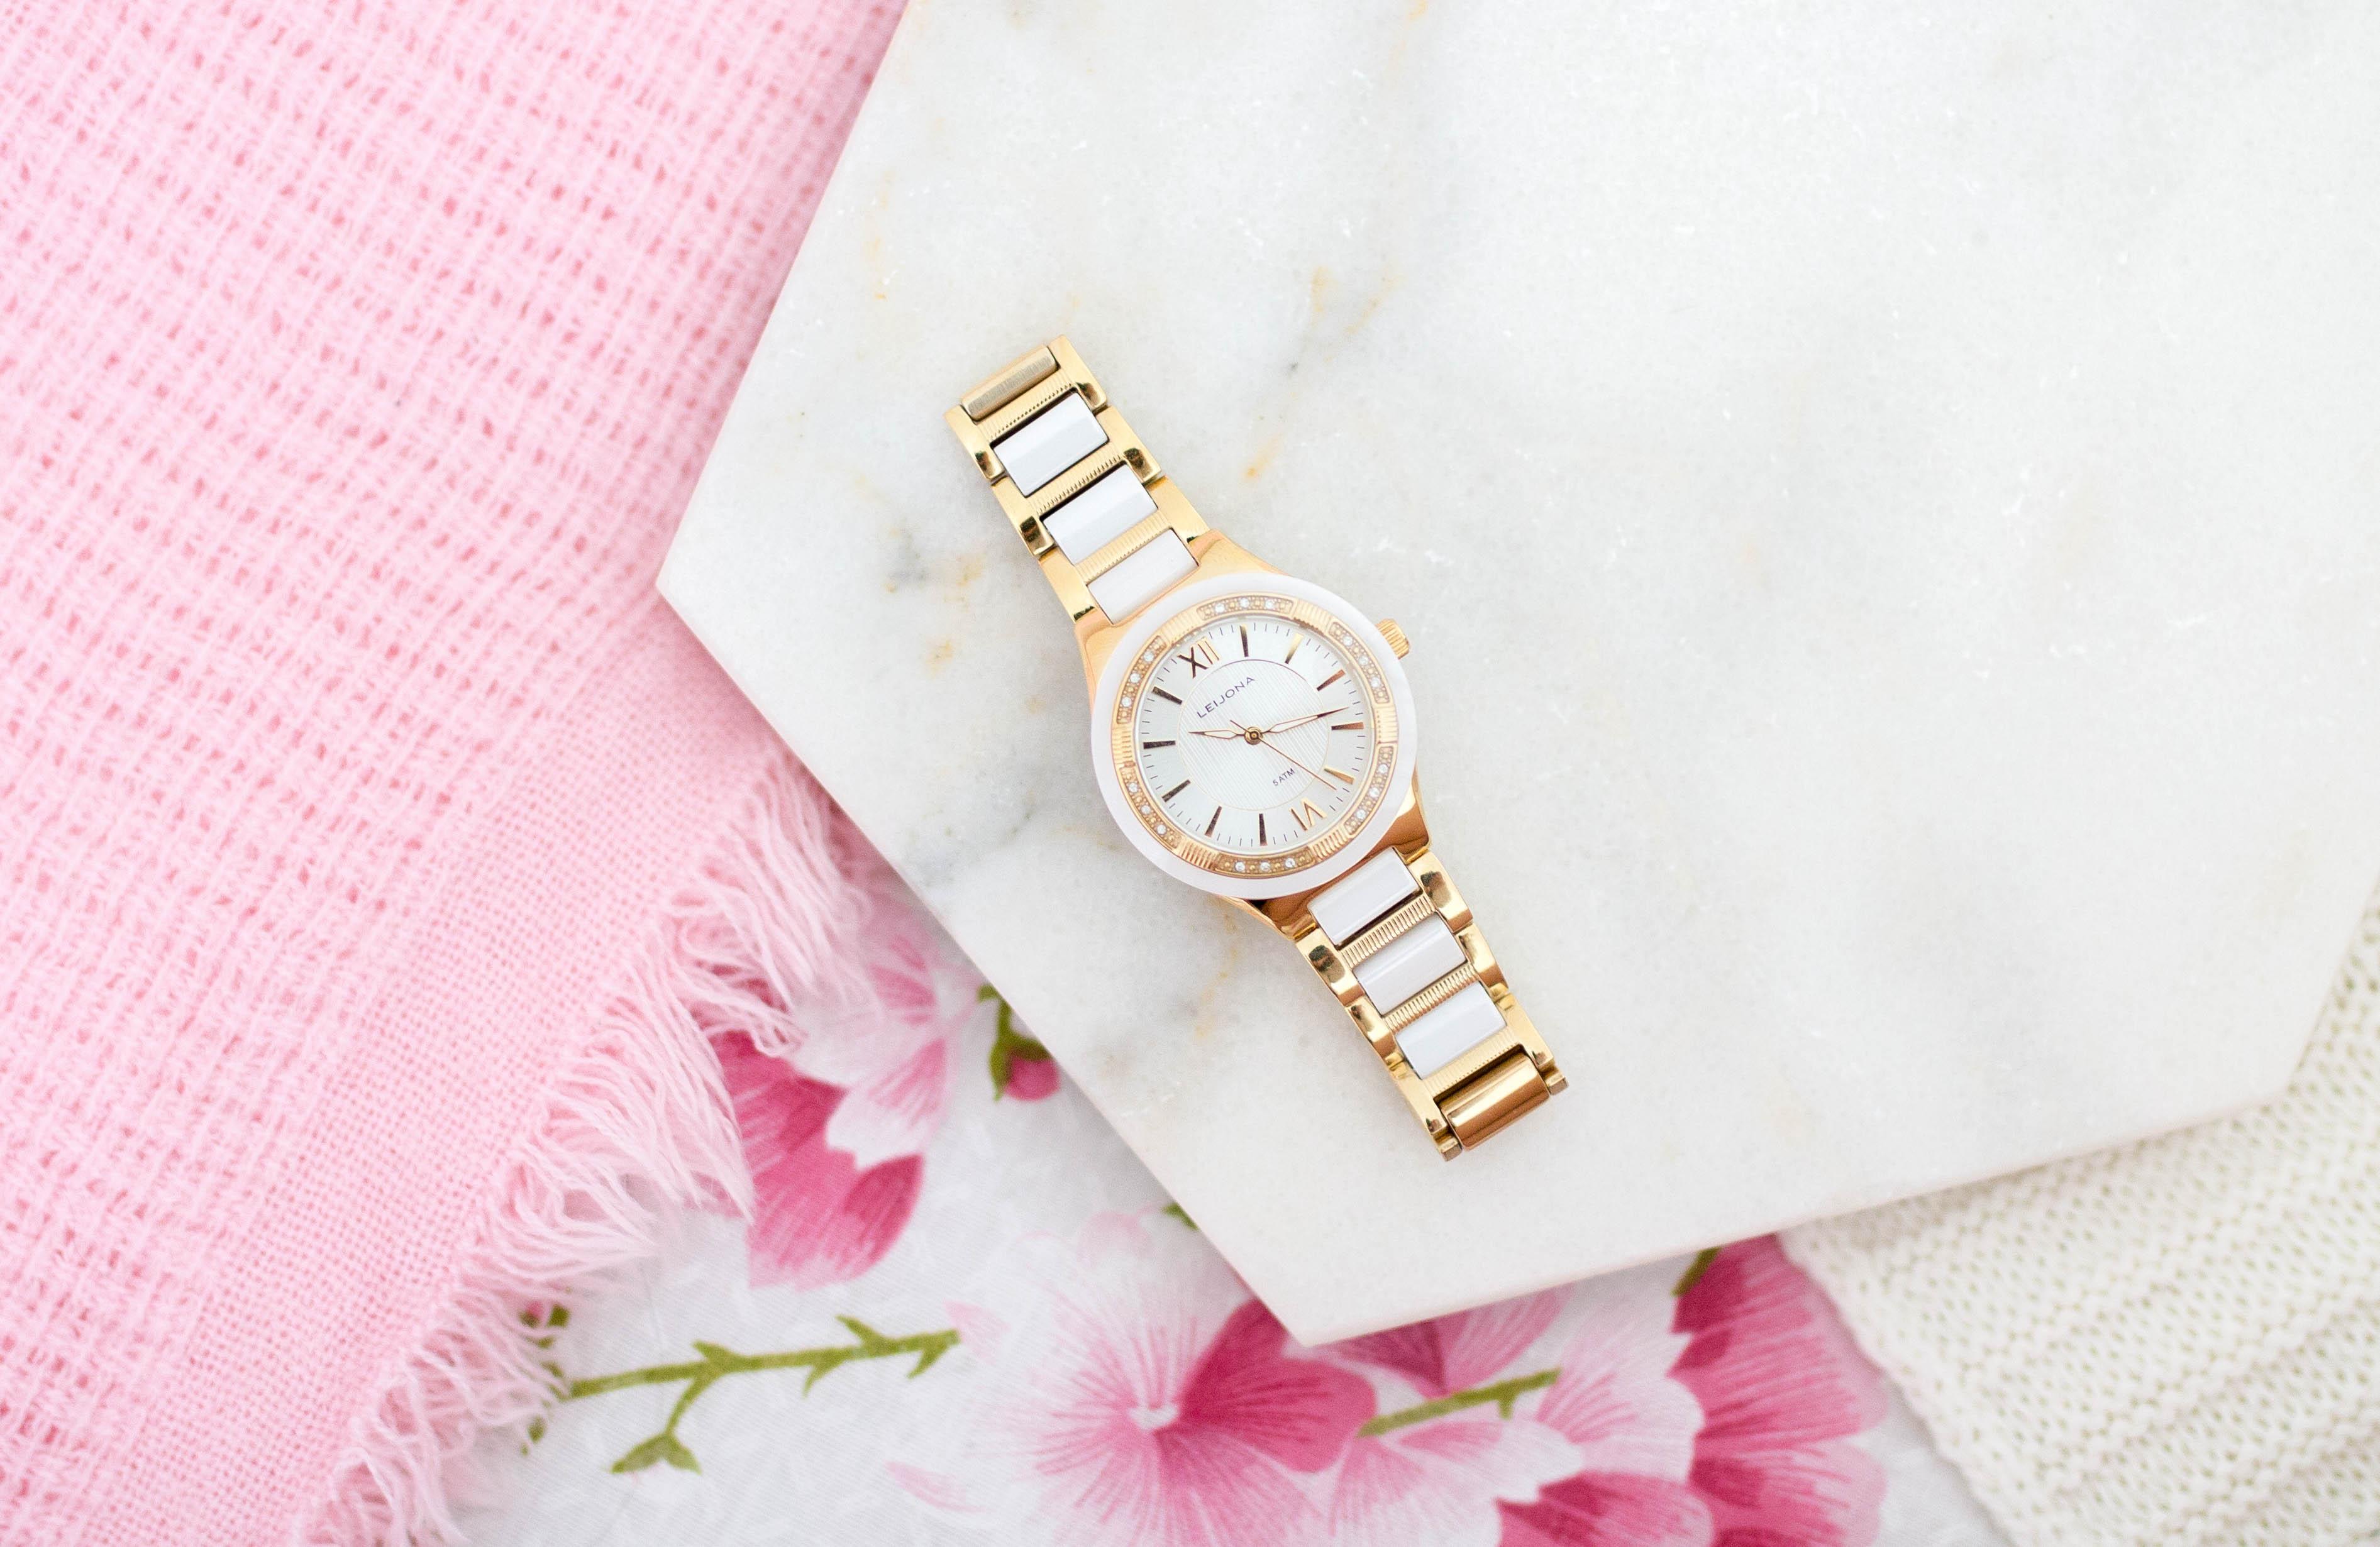 kultainen kello